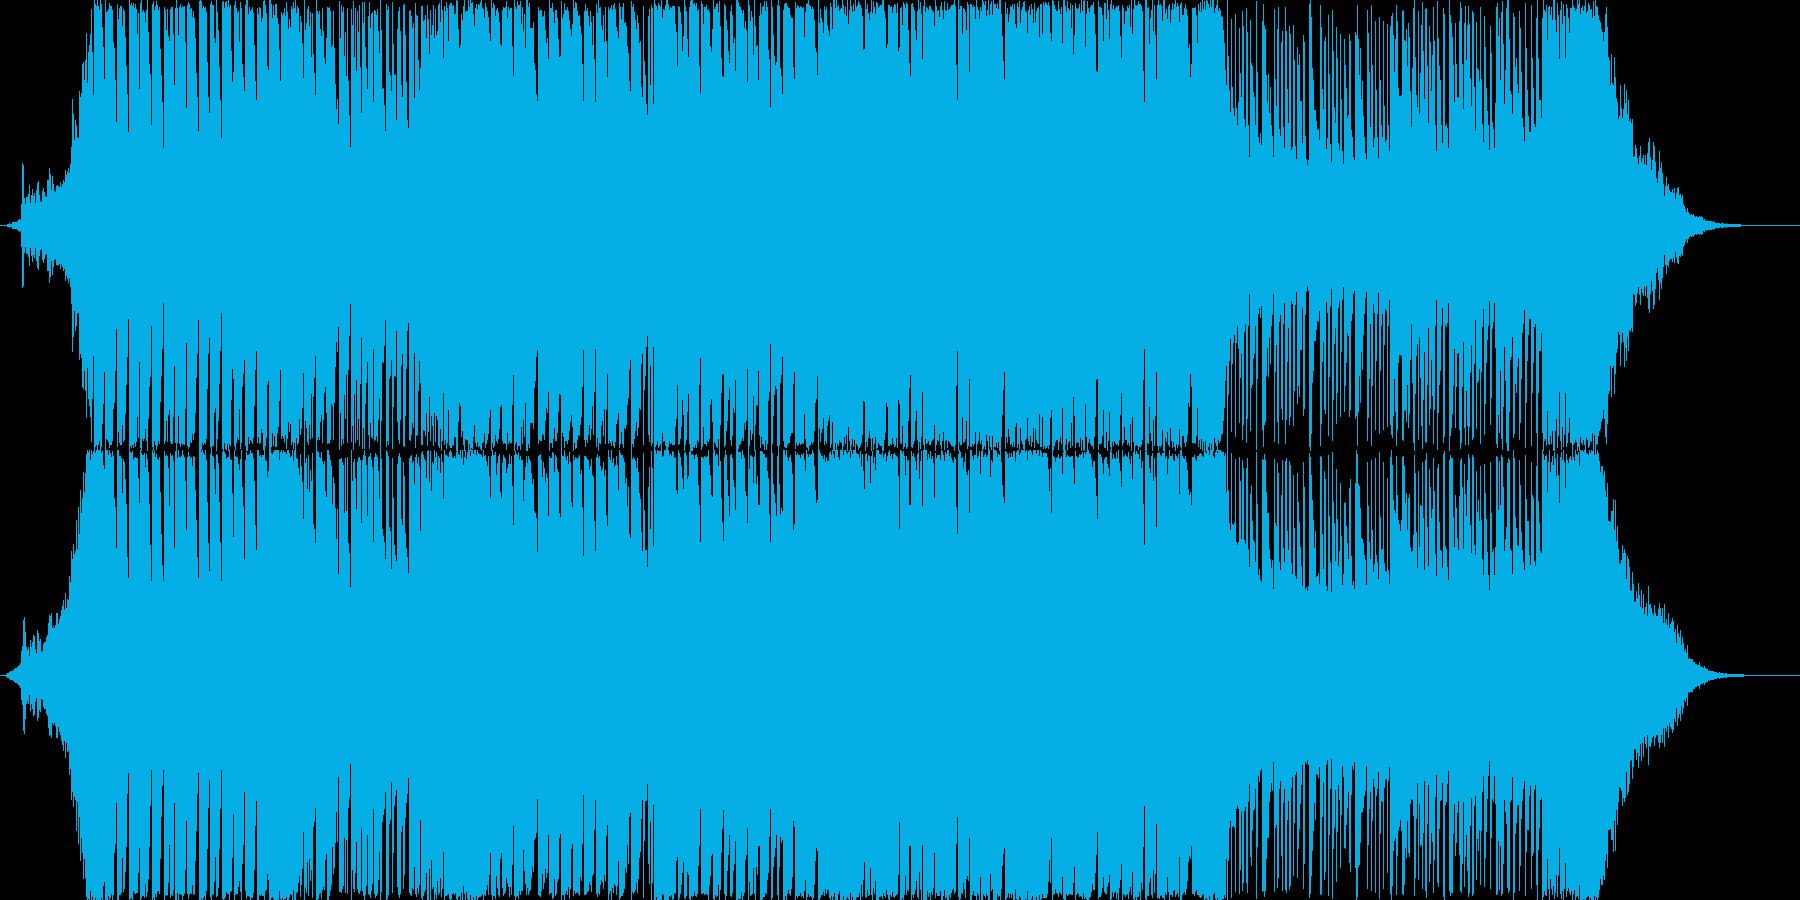 オーケストライメージの幻想的EDMの再生済みの波形